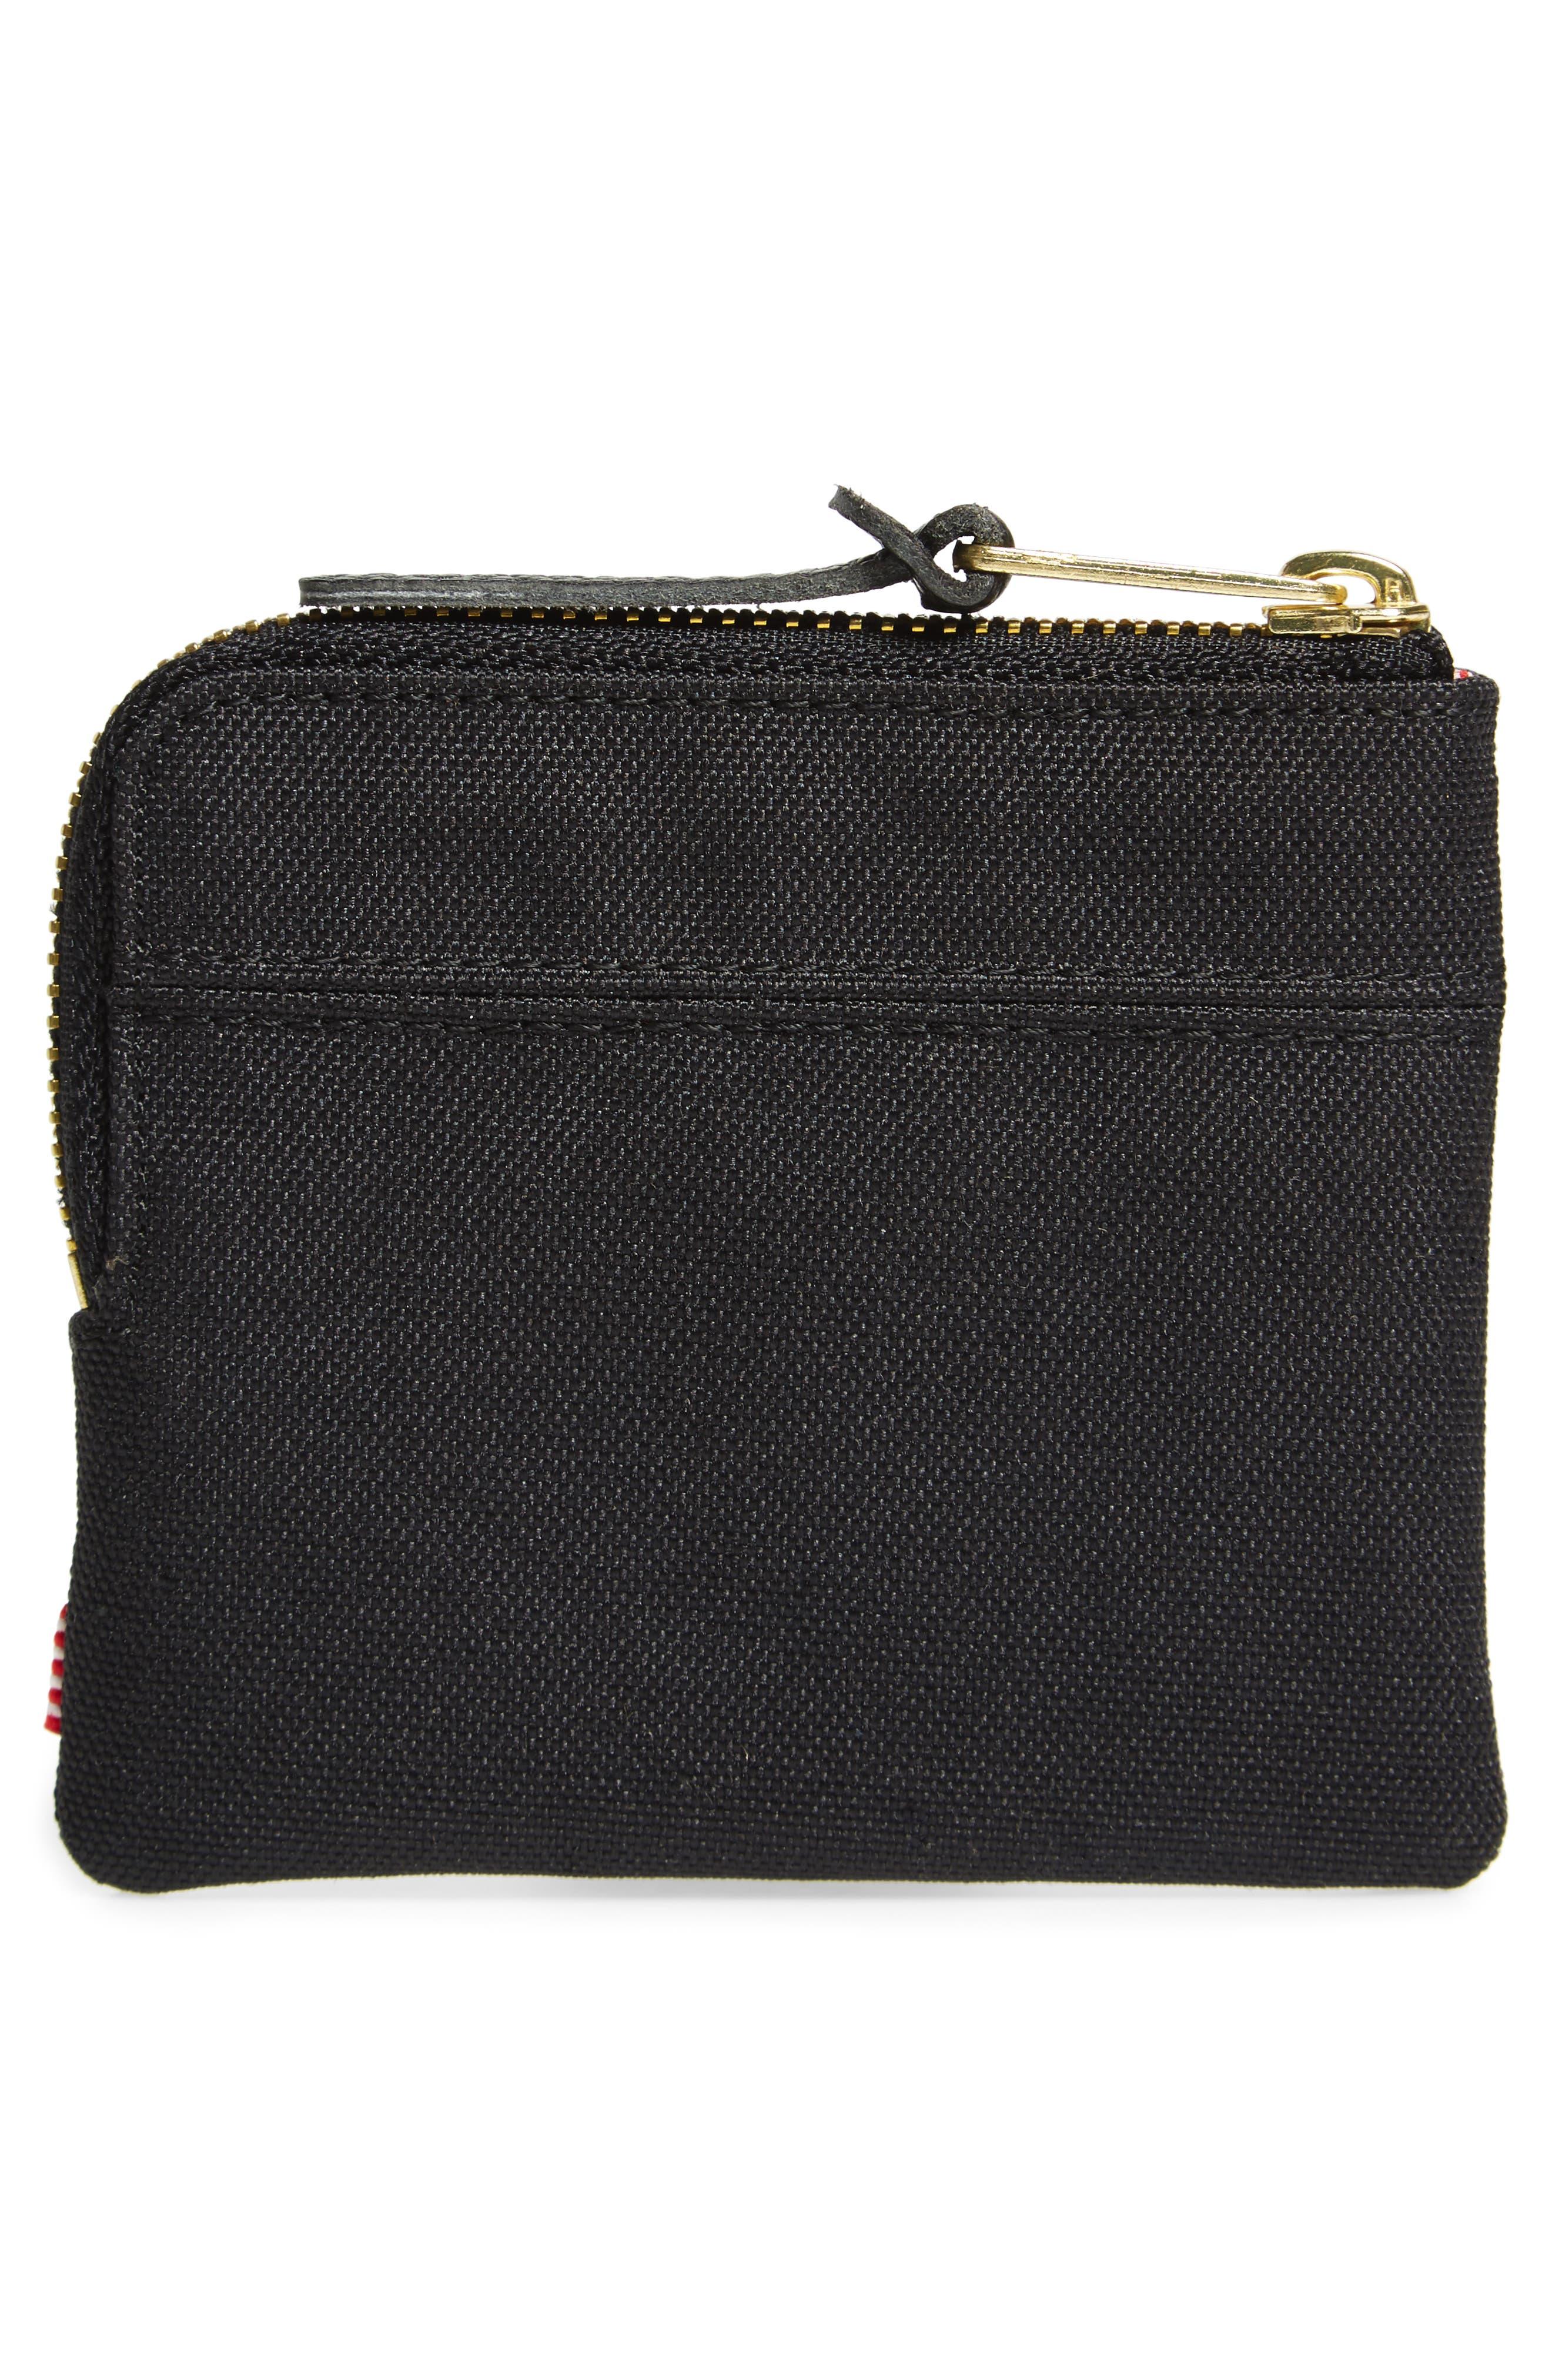 Alternate Image 2  - Herschel Supply Co. 'Johnny' Half Zip Wallet